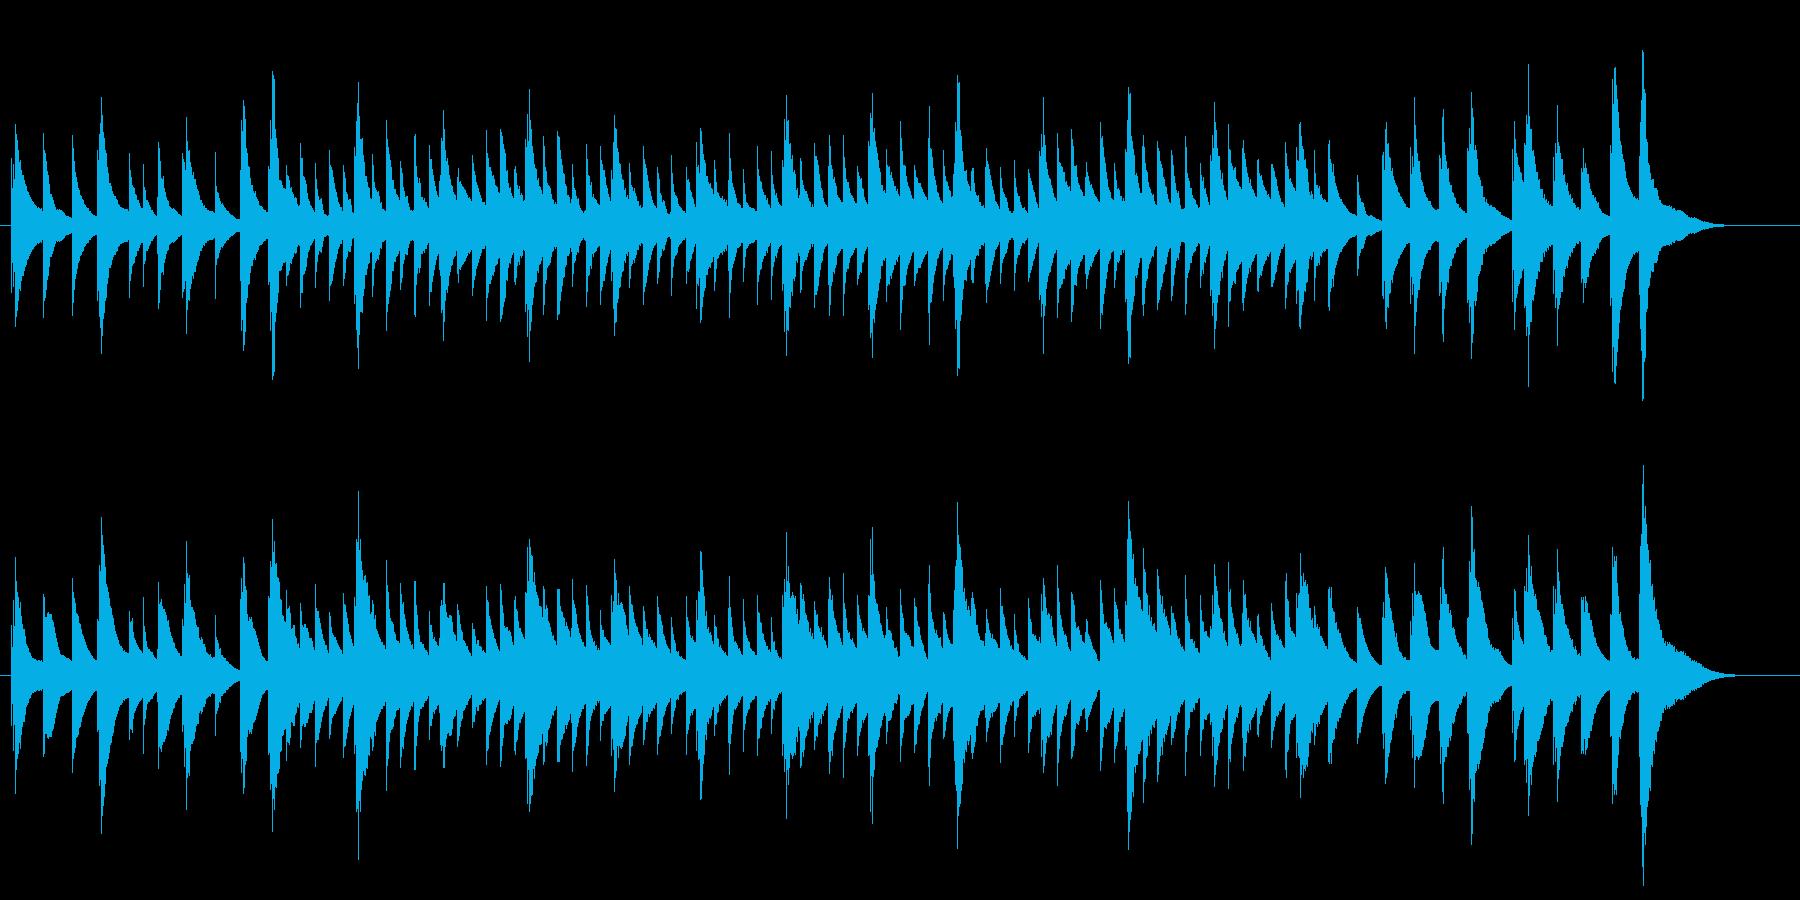 故郷をオルゴール風の音での再生済みの波形